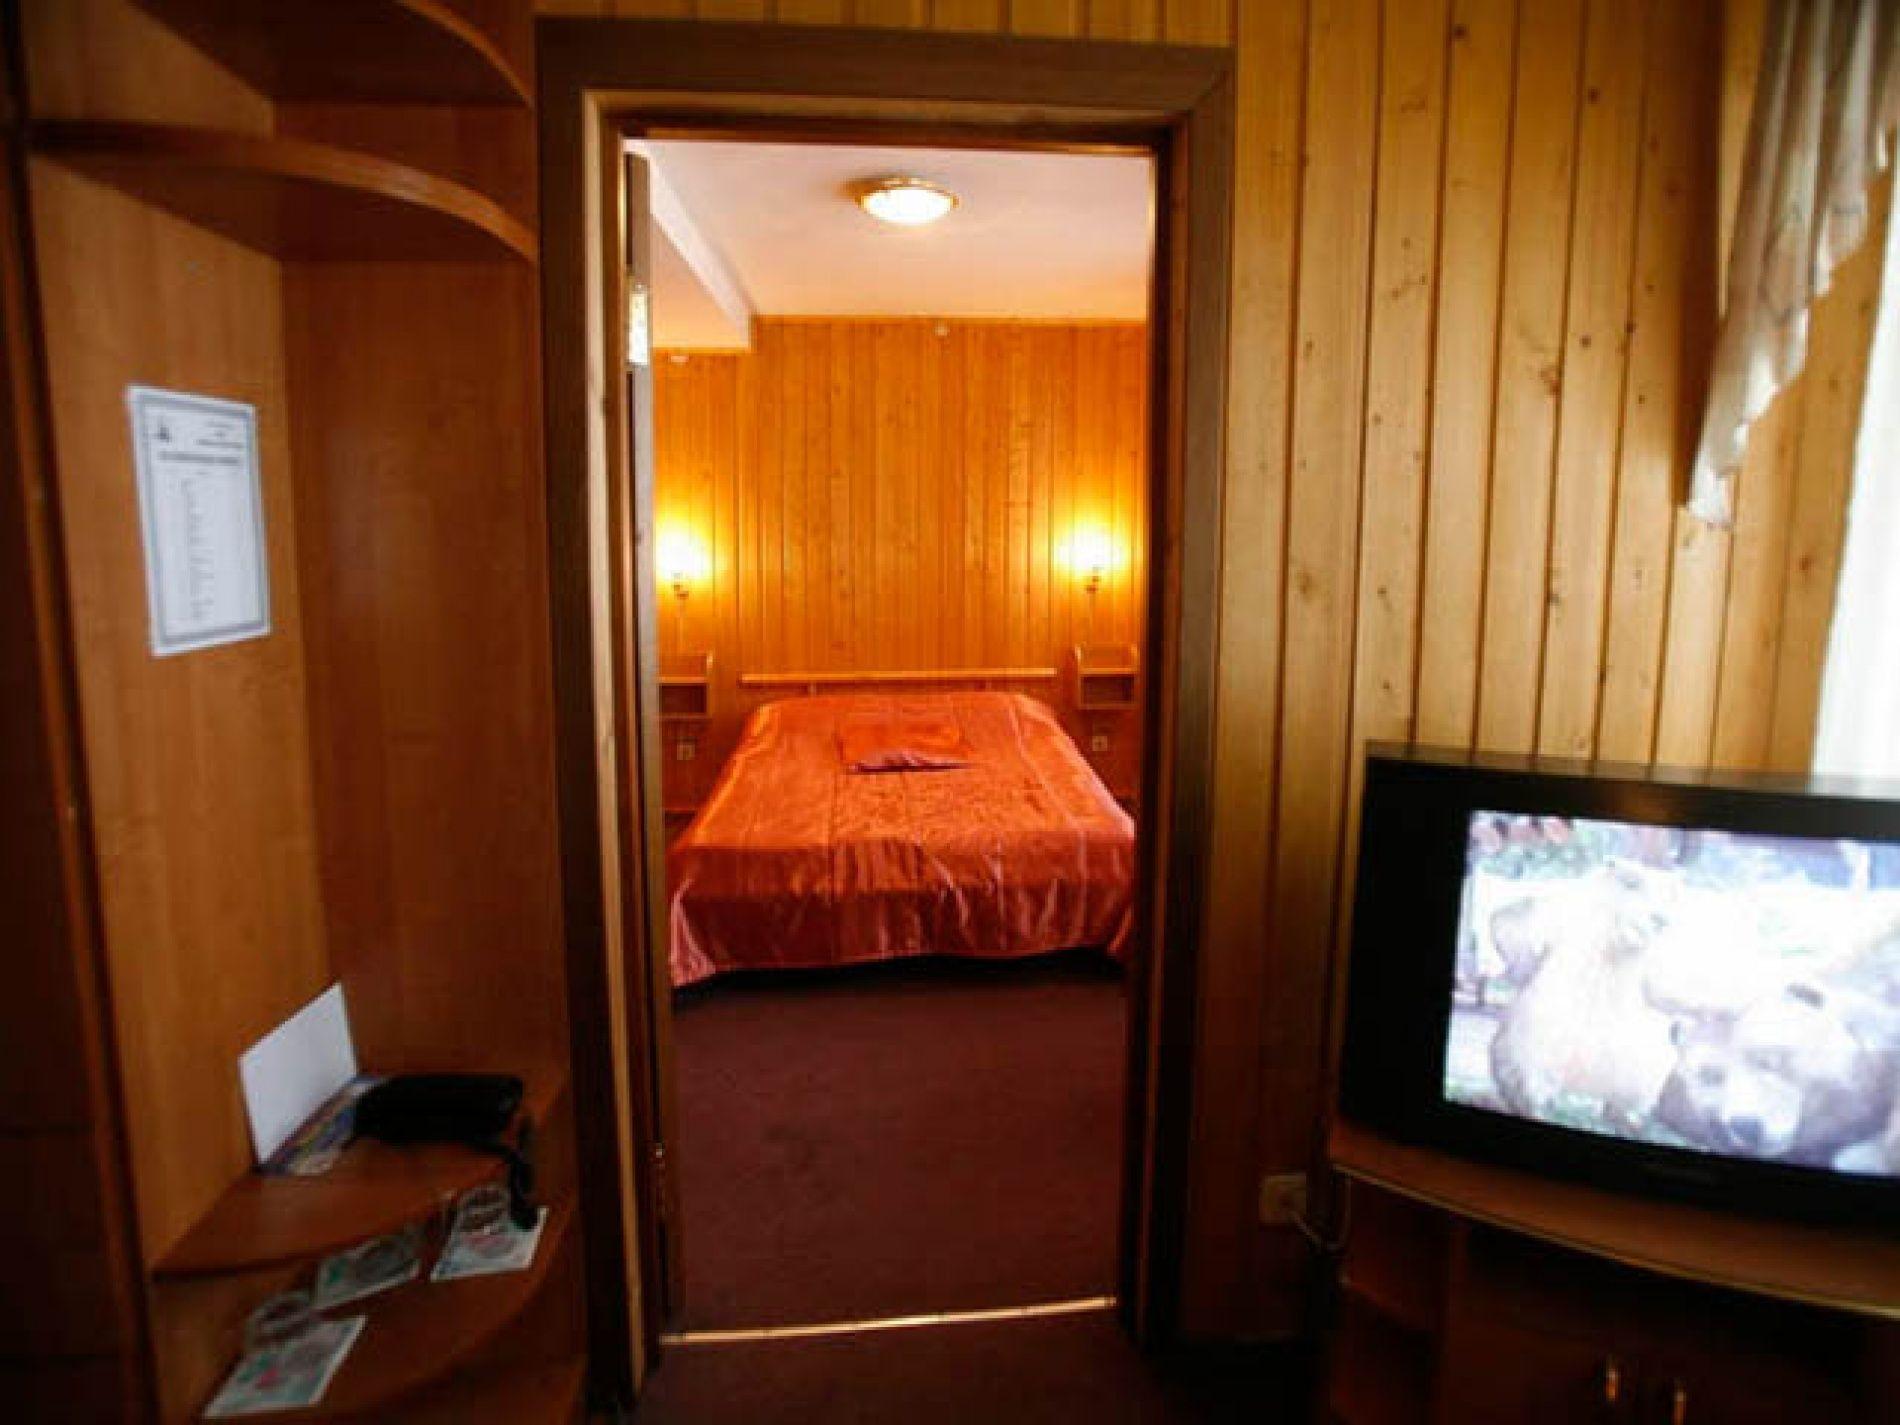 Туристический комплекс «Мирная Пристань» Ивановская область 2-комнатный номер 1 категории (№ 2, 5, 7), фото 3